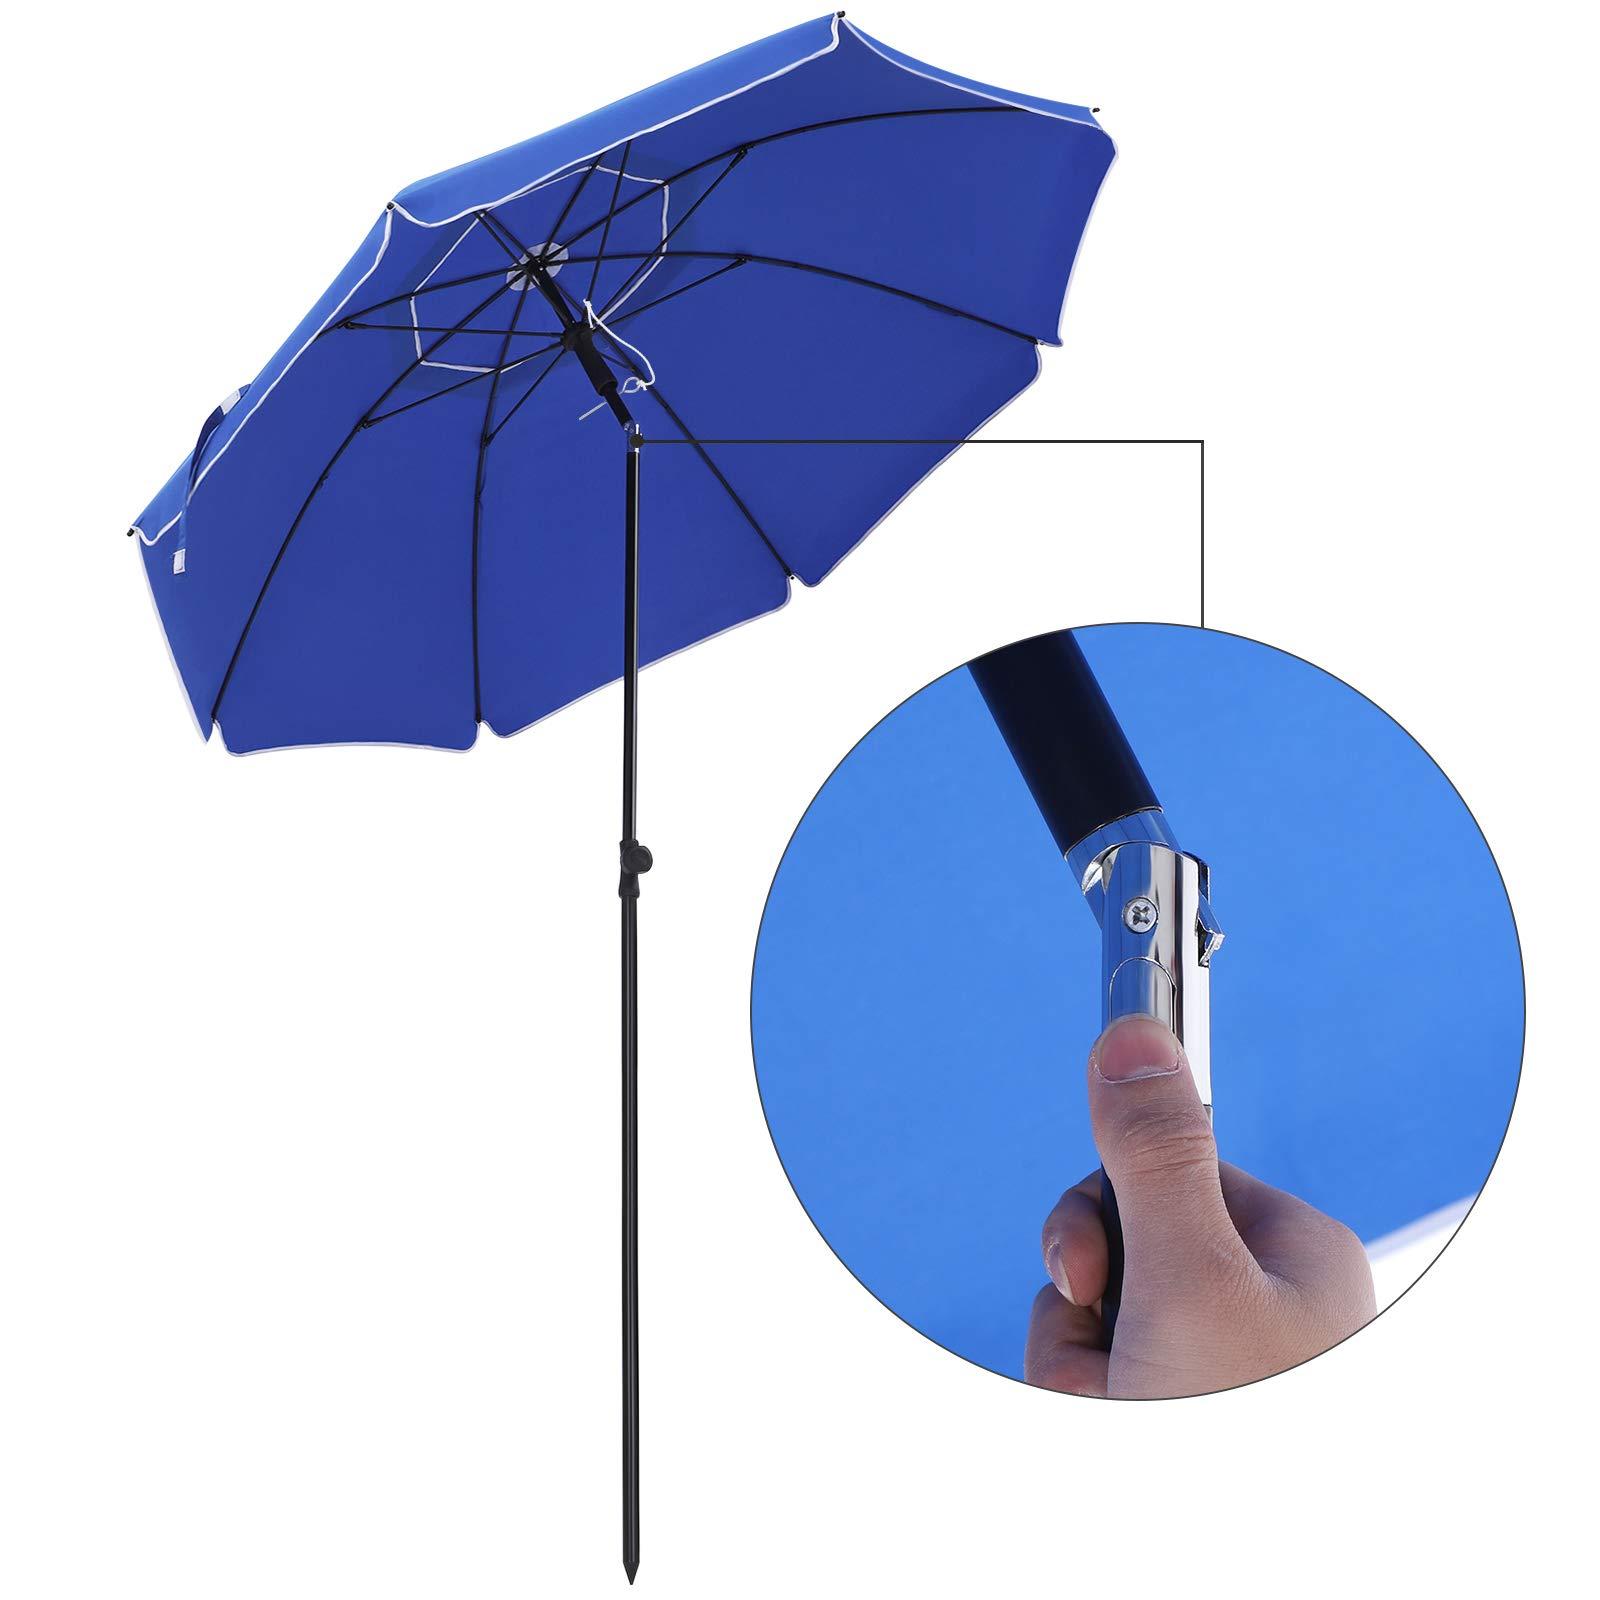 SONGMICS Parasol de 2 m Diámetro de Arco, Sombirlla, Protección Solar, Capota Octogonal de Poliéster, Costiila de Fibra de Vidrio, Mecanismo de Inclinación, para Playa Jardín Piscina, Azul GPU65BUV1: Amazon.es: Jardín